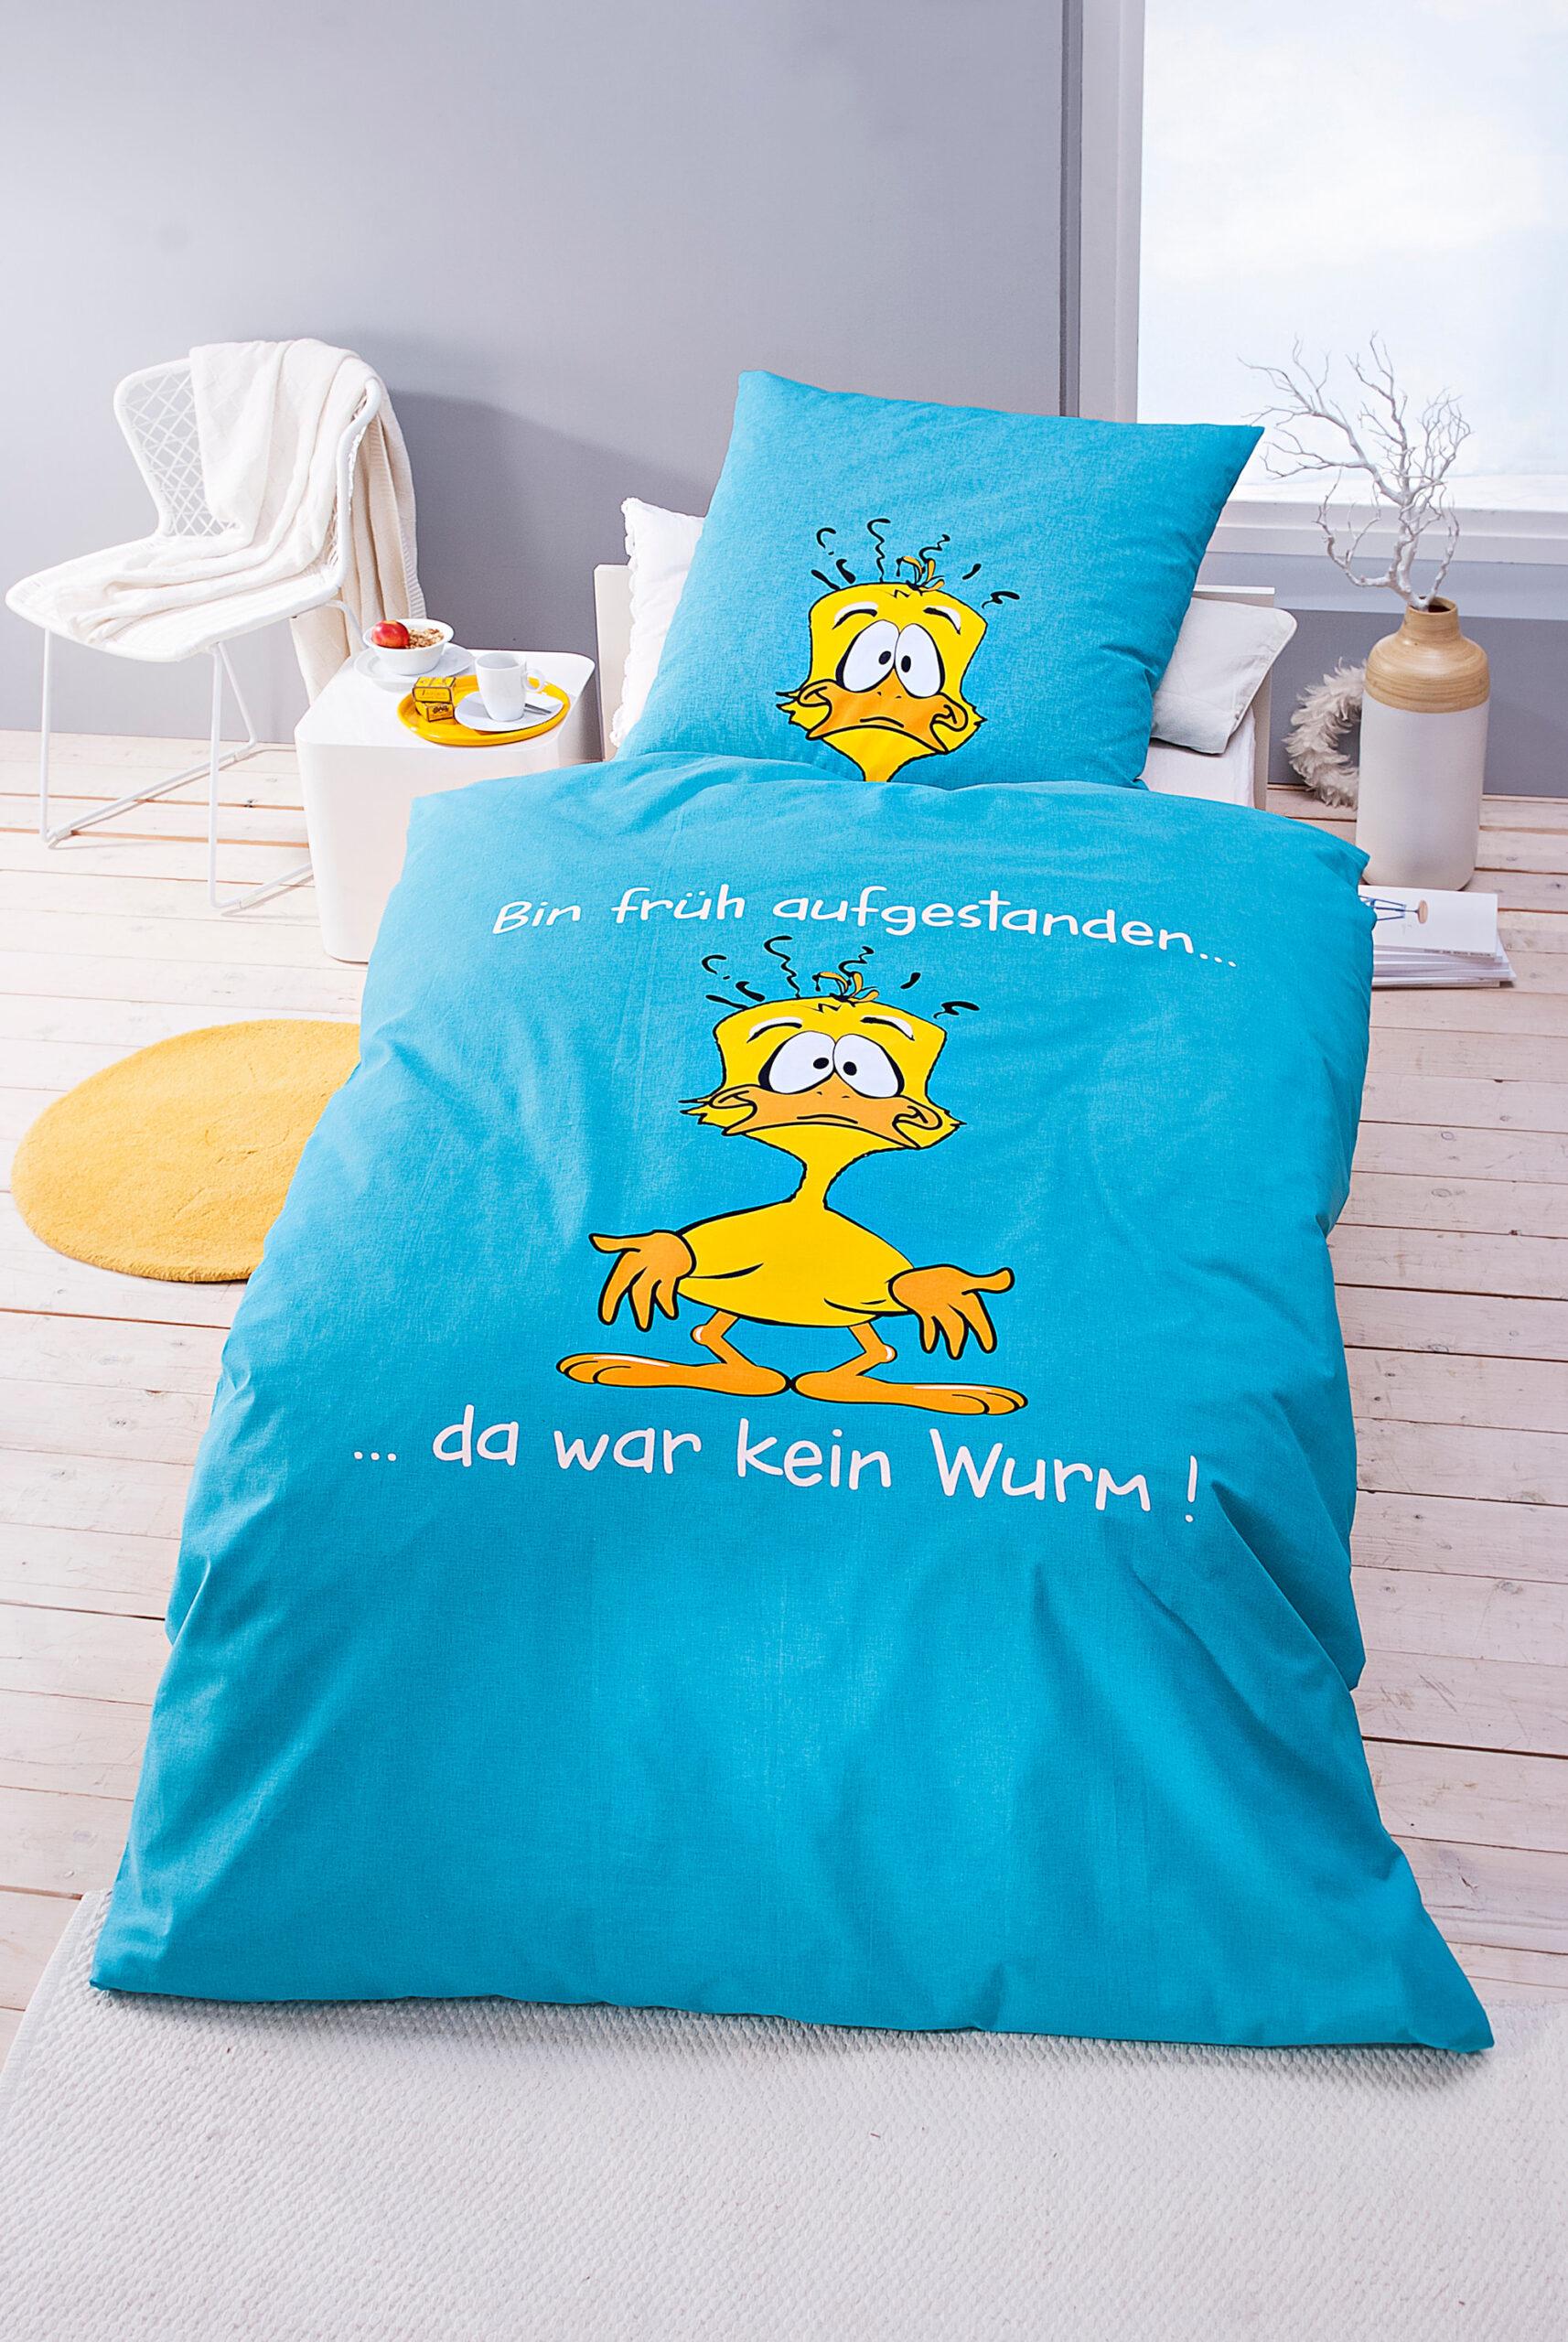 Full Size of Lustige Bettwäsche 155x220 Bettwsche Da War Kein Wurm Sprüche T Shirt T Shirt Wohnzimmer Lustige Bettwäsche 155x220